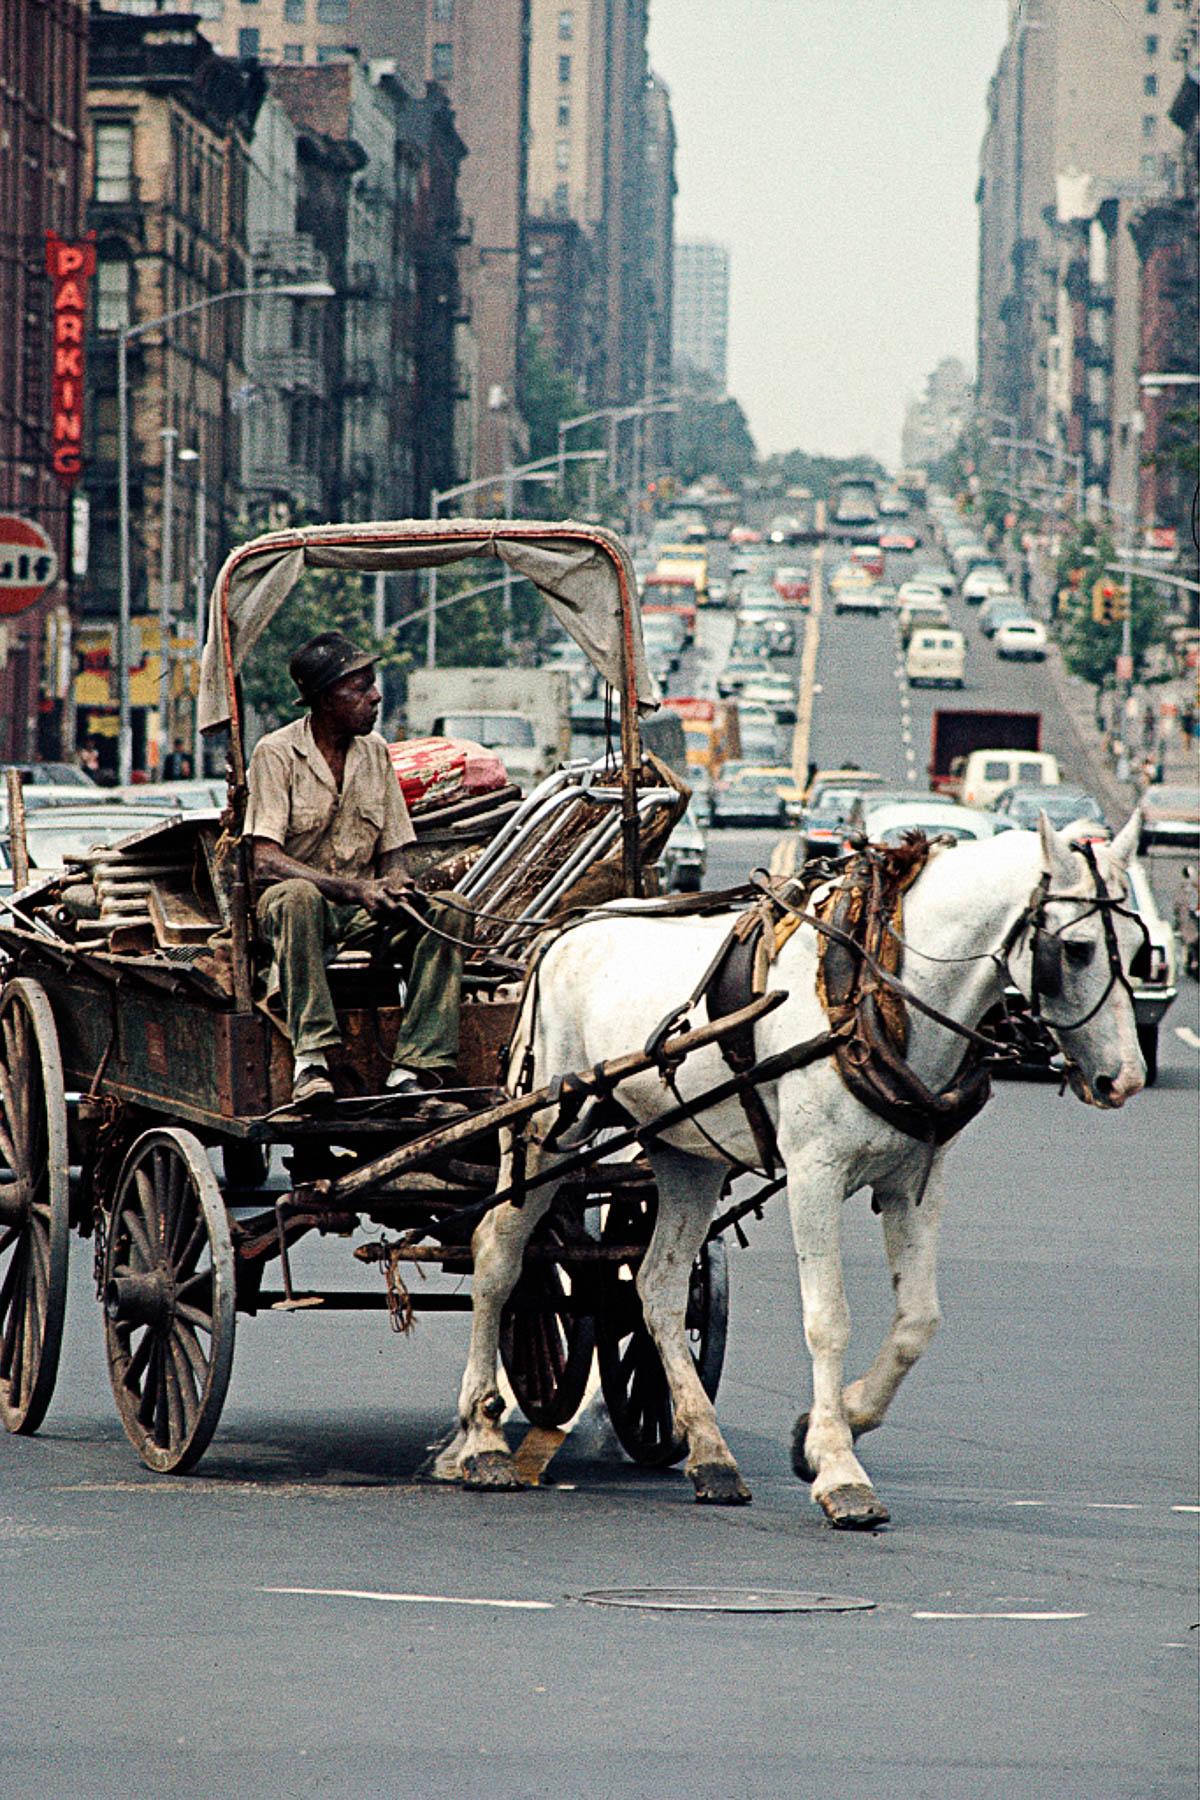 Nyu York fotograf Kamilo Hose Vergara 10